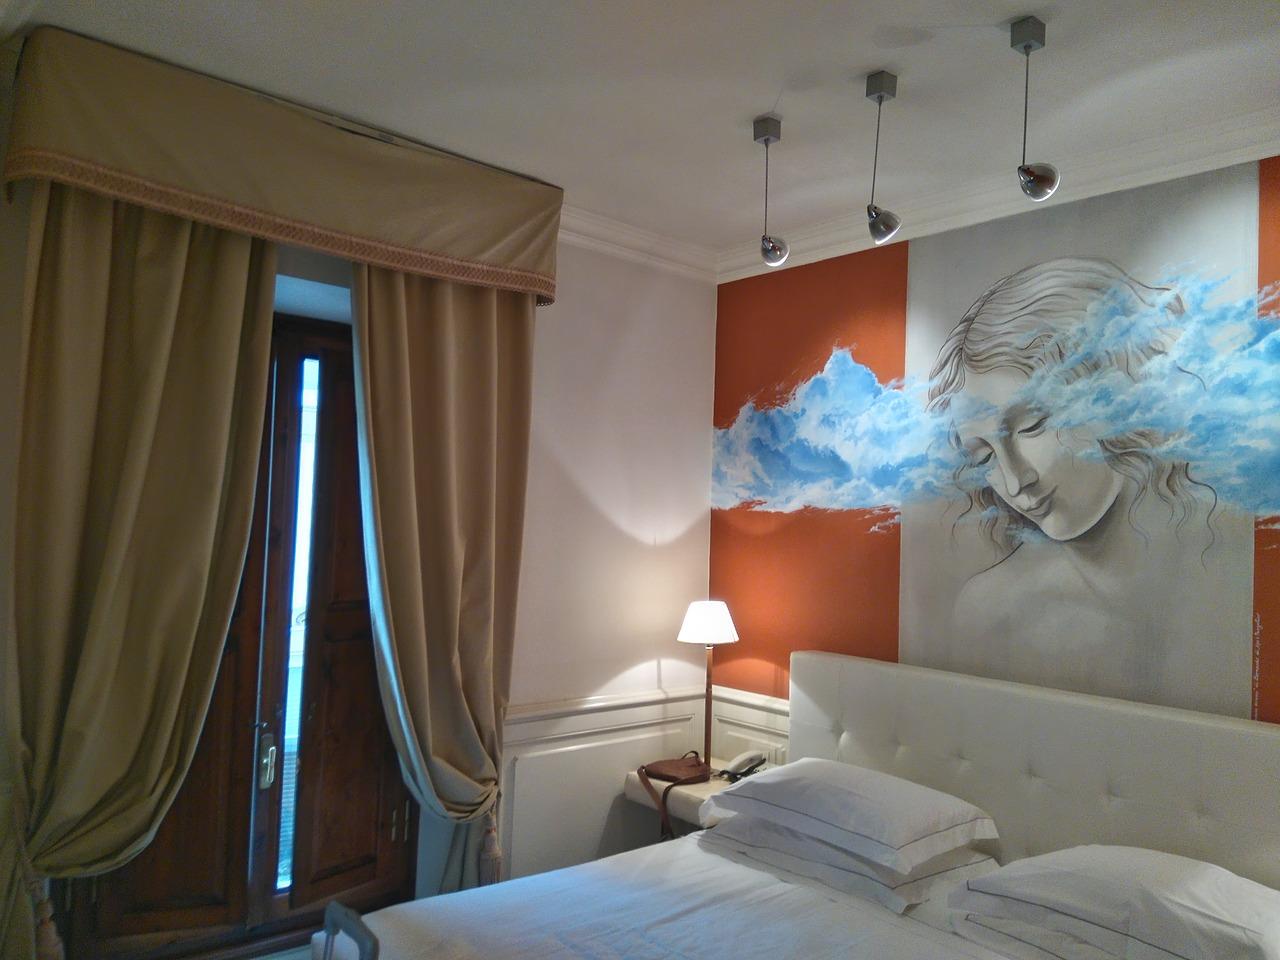 Sypialnia naszych snów. Urządzenie sypialni:  obrazy, lampa sufitowa do sypialni